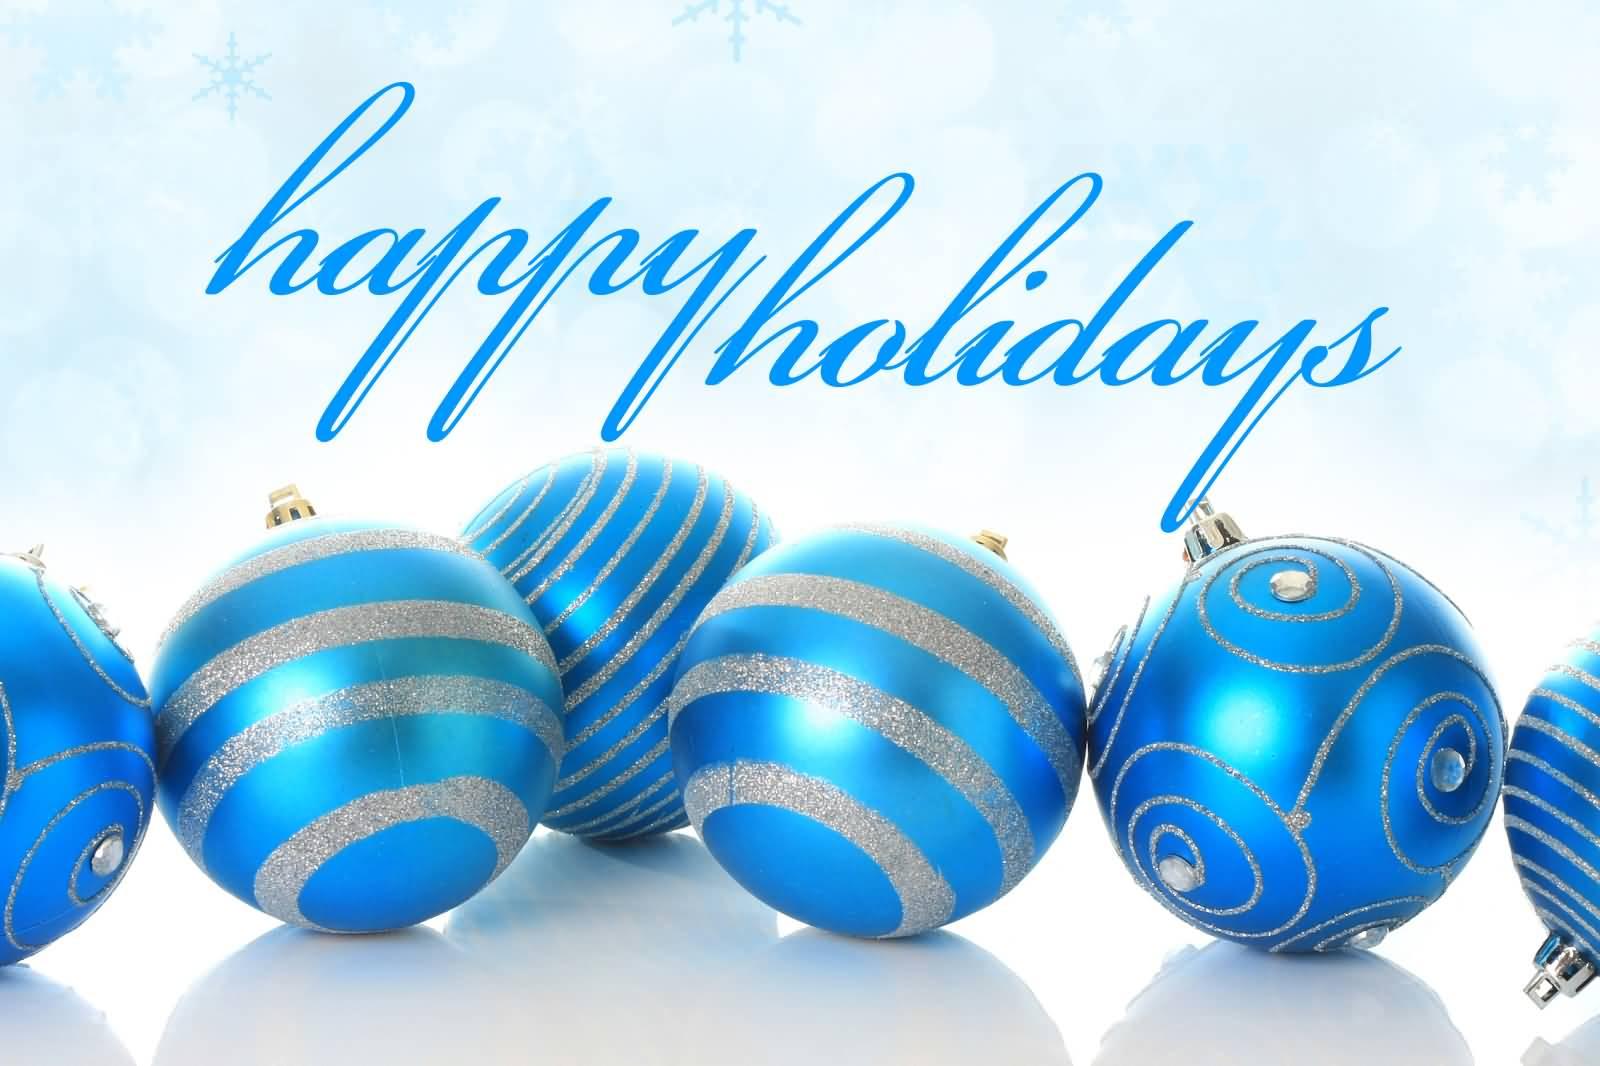 Holydays clipart blue Happy Christmas Holidays Christmas Clipart